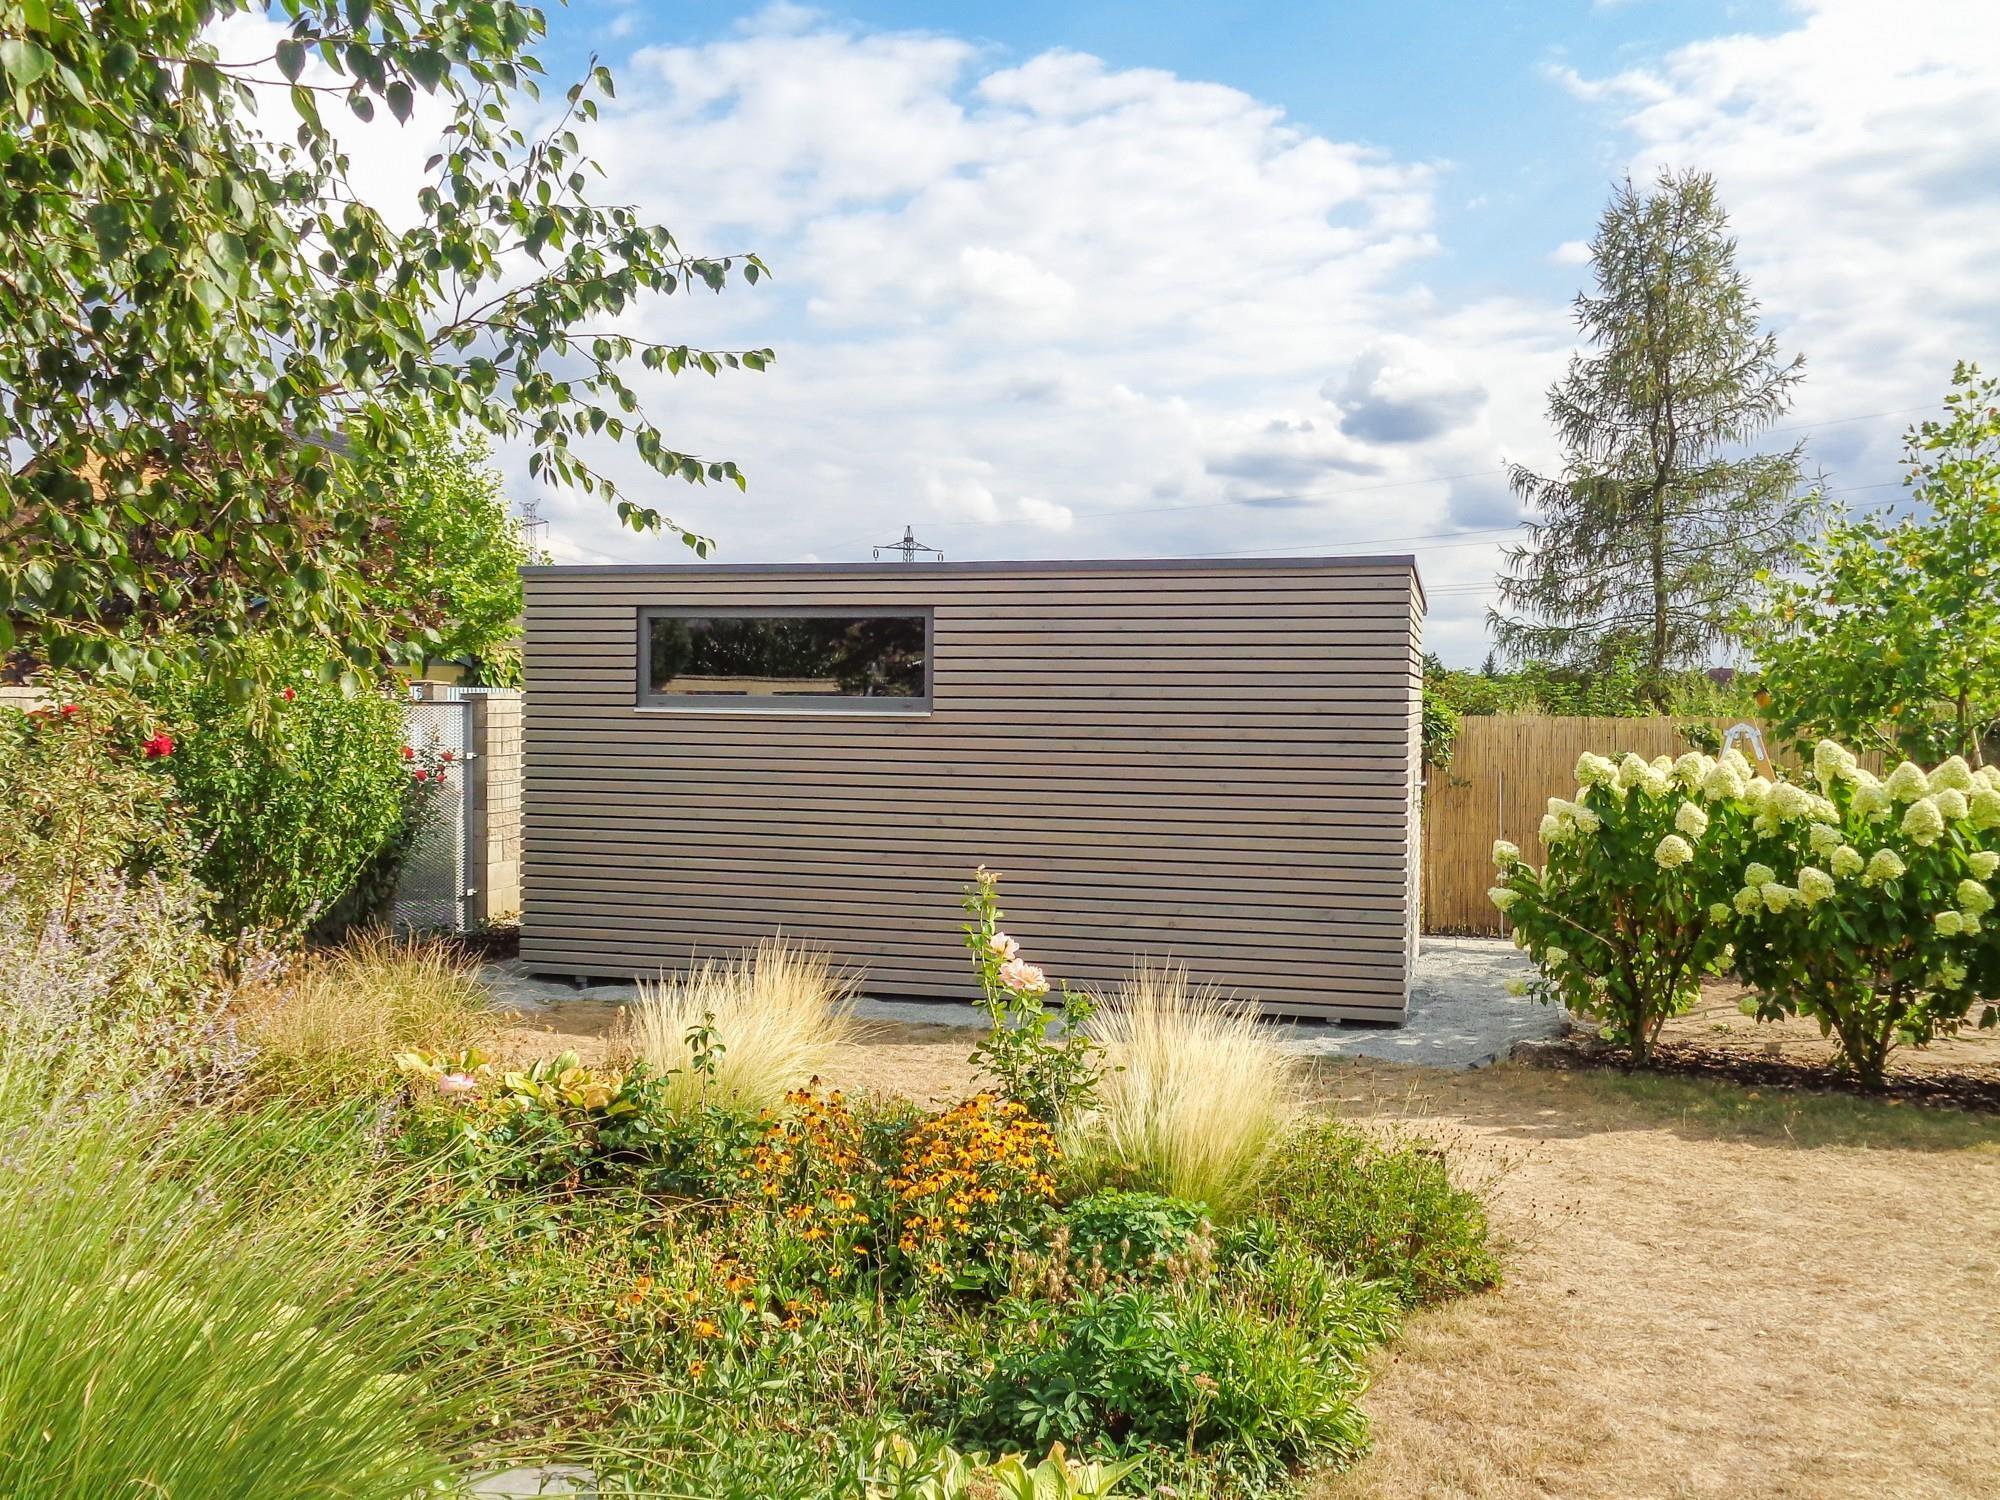 Exclusive Gartenhaus 5x2 5 M Zvole Referenzen Naturhouse